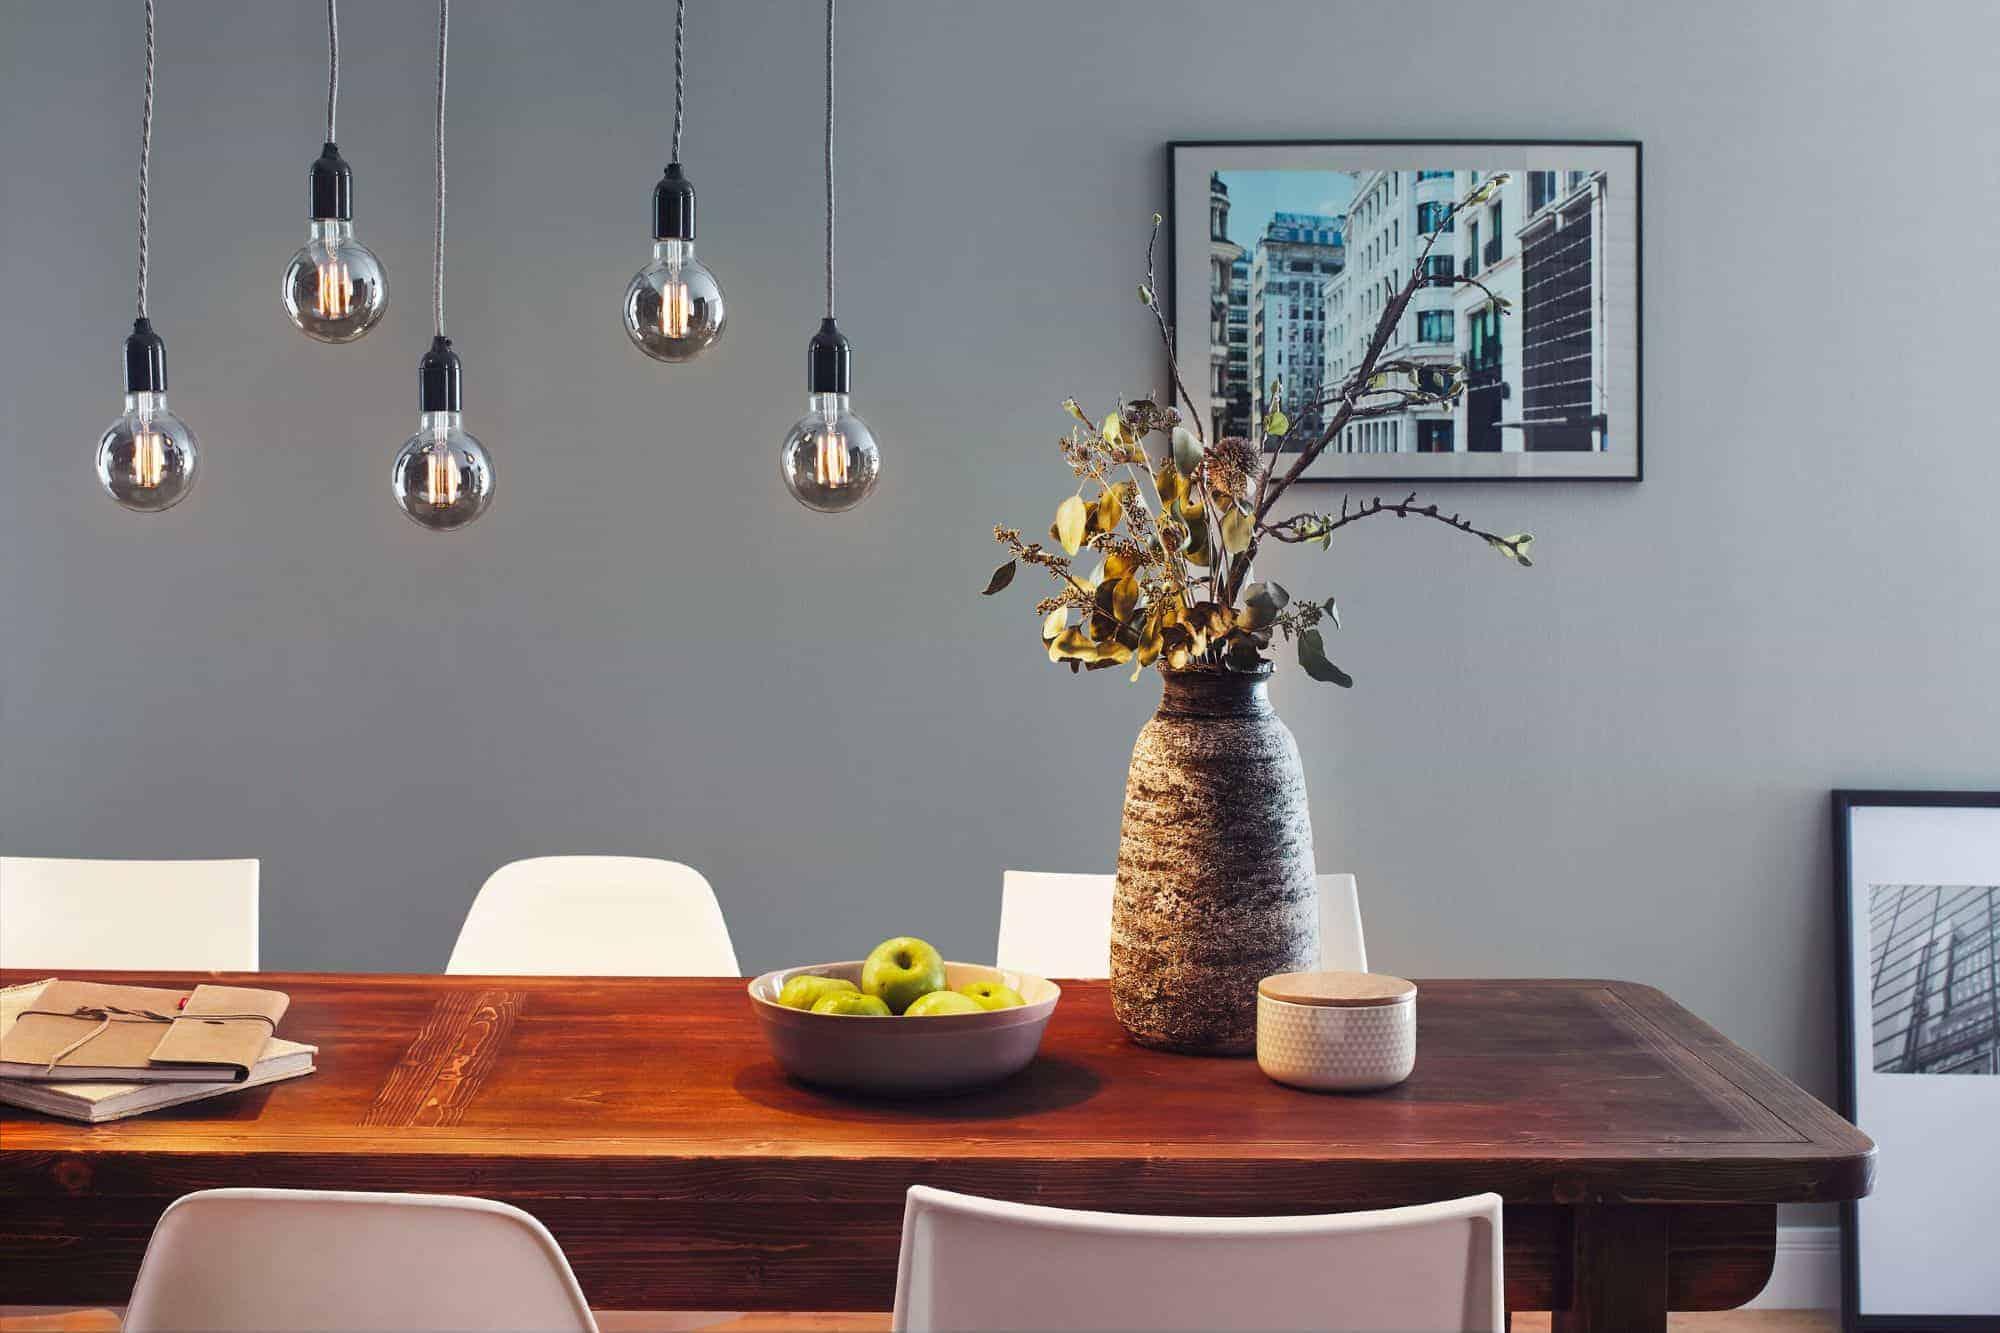 Leuchtmittel im Vintage-Stil über Esstisch